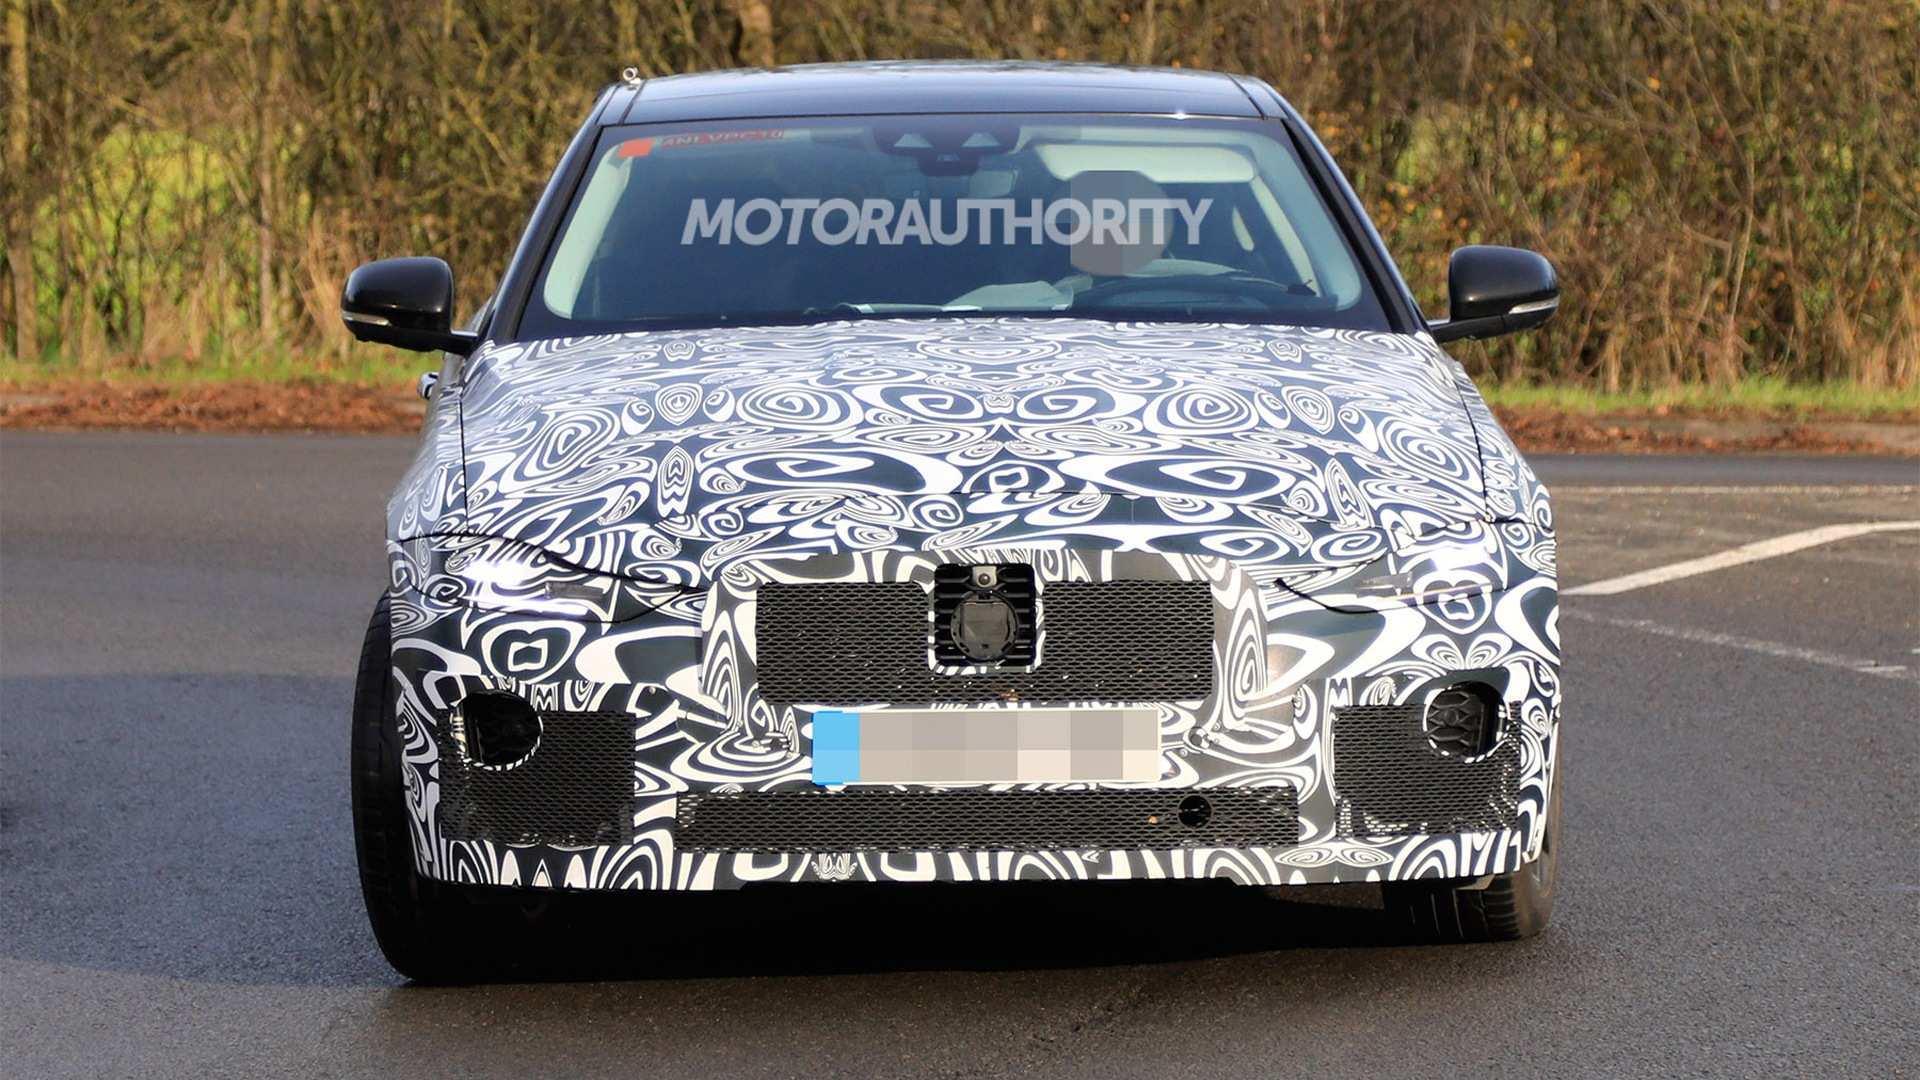 81 All New Jaguar Neuheiten 2020 Release with Jaguar Neuheiten 2020